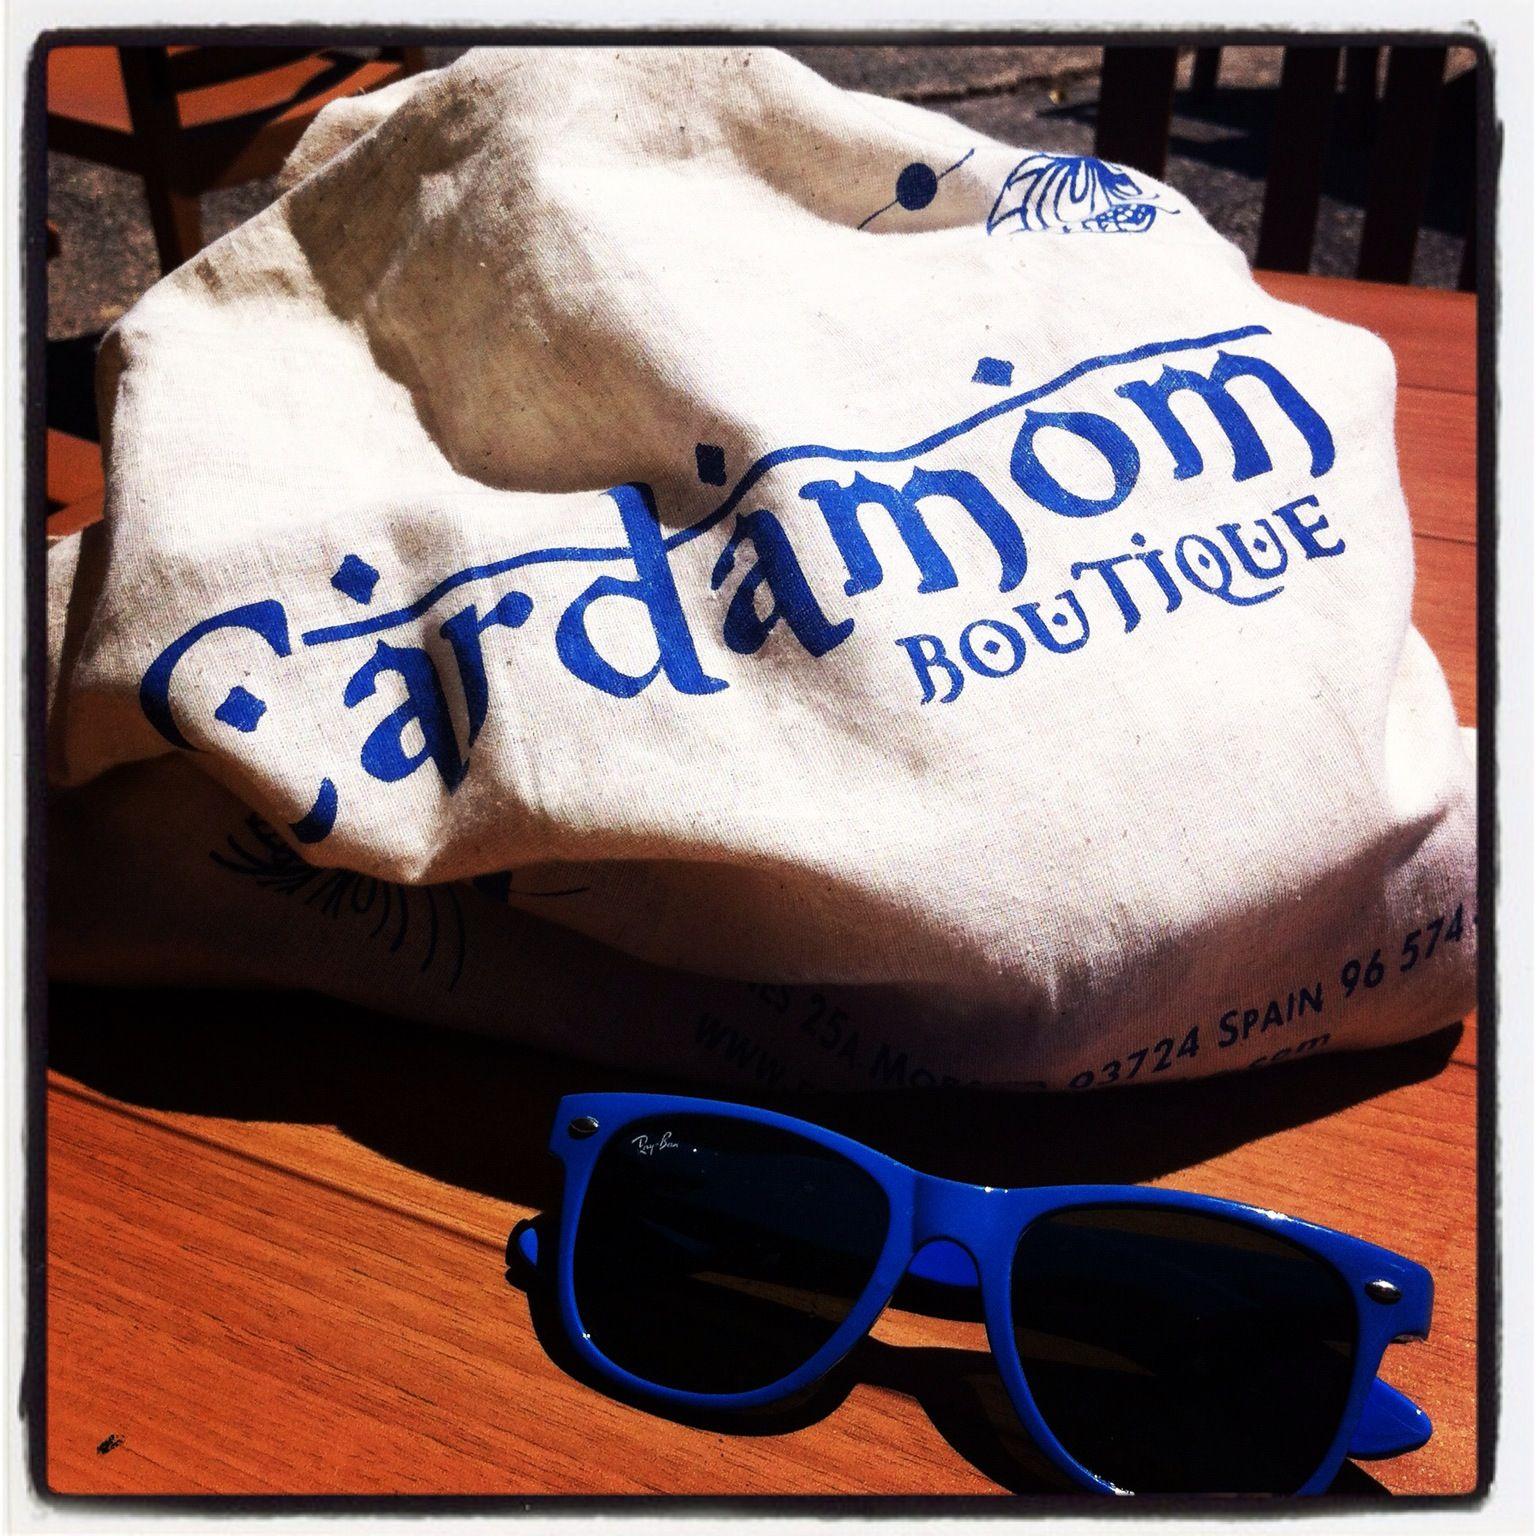 Cotton bag by Cdm